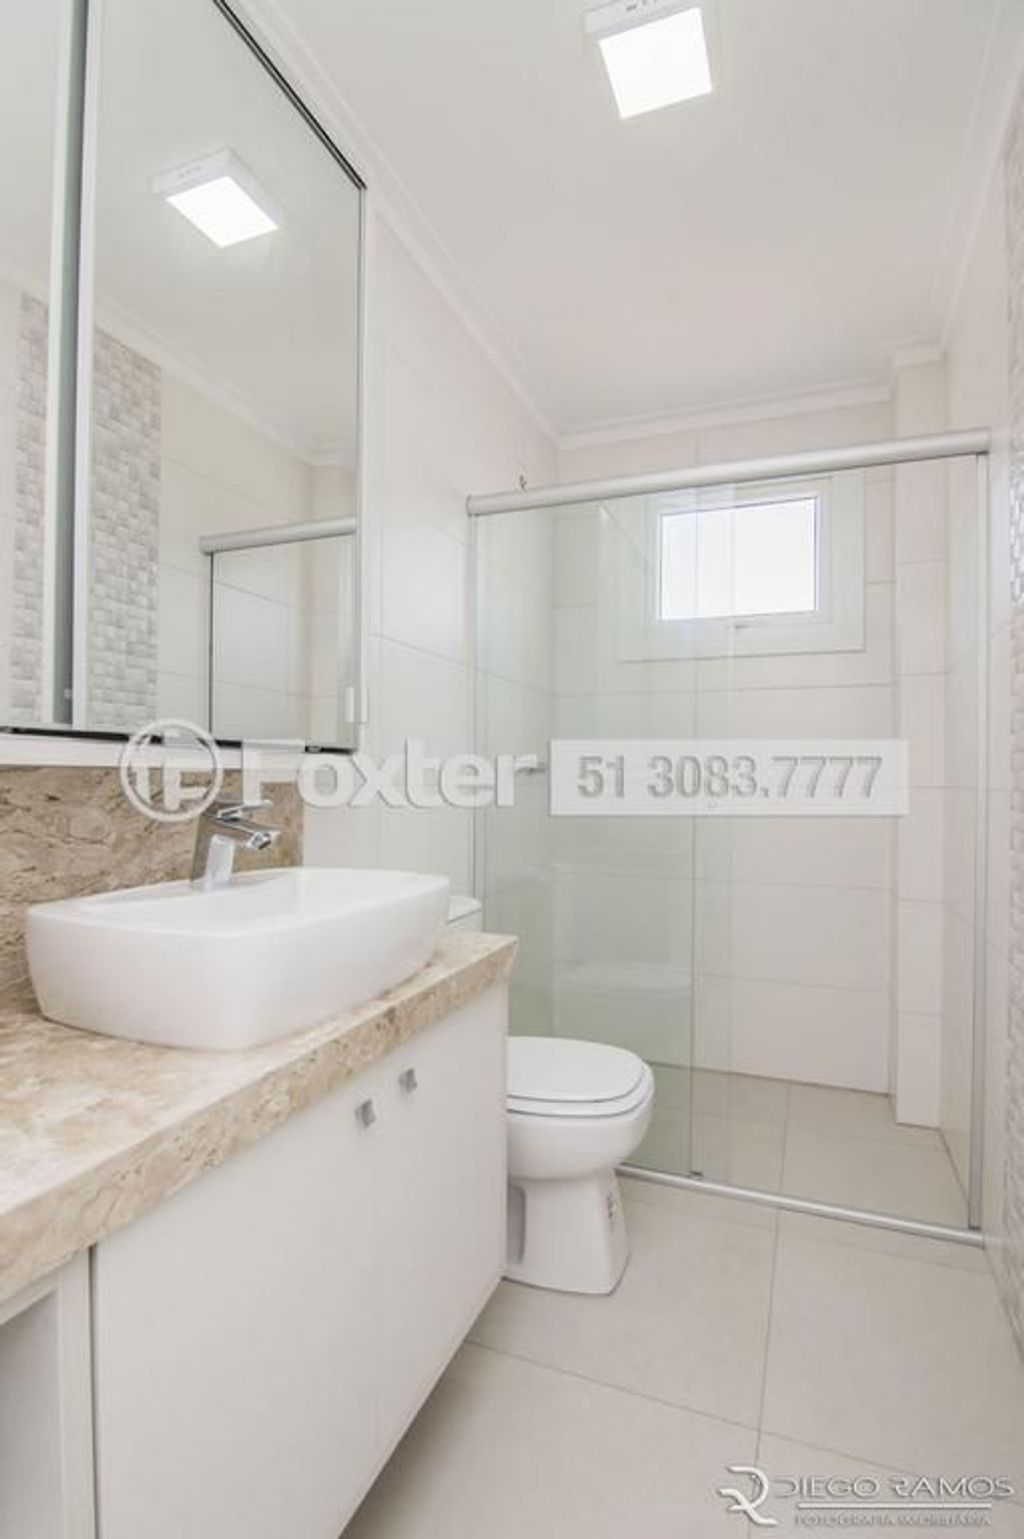 Apto 2 Dorm, Centro, Canoas (145075) - Foto 17